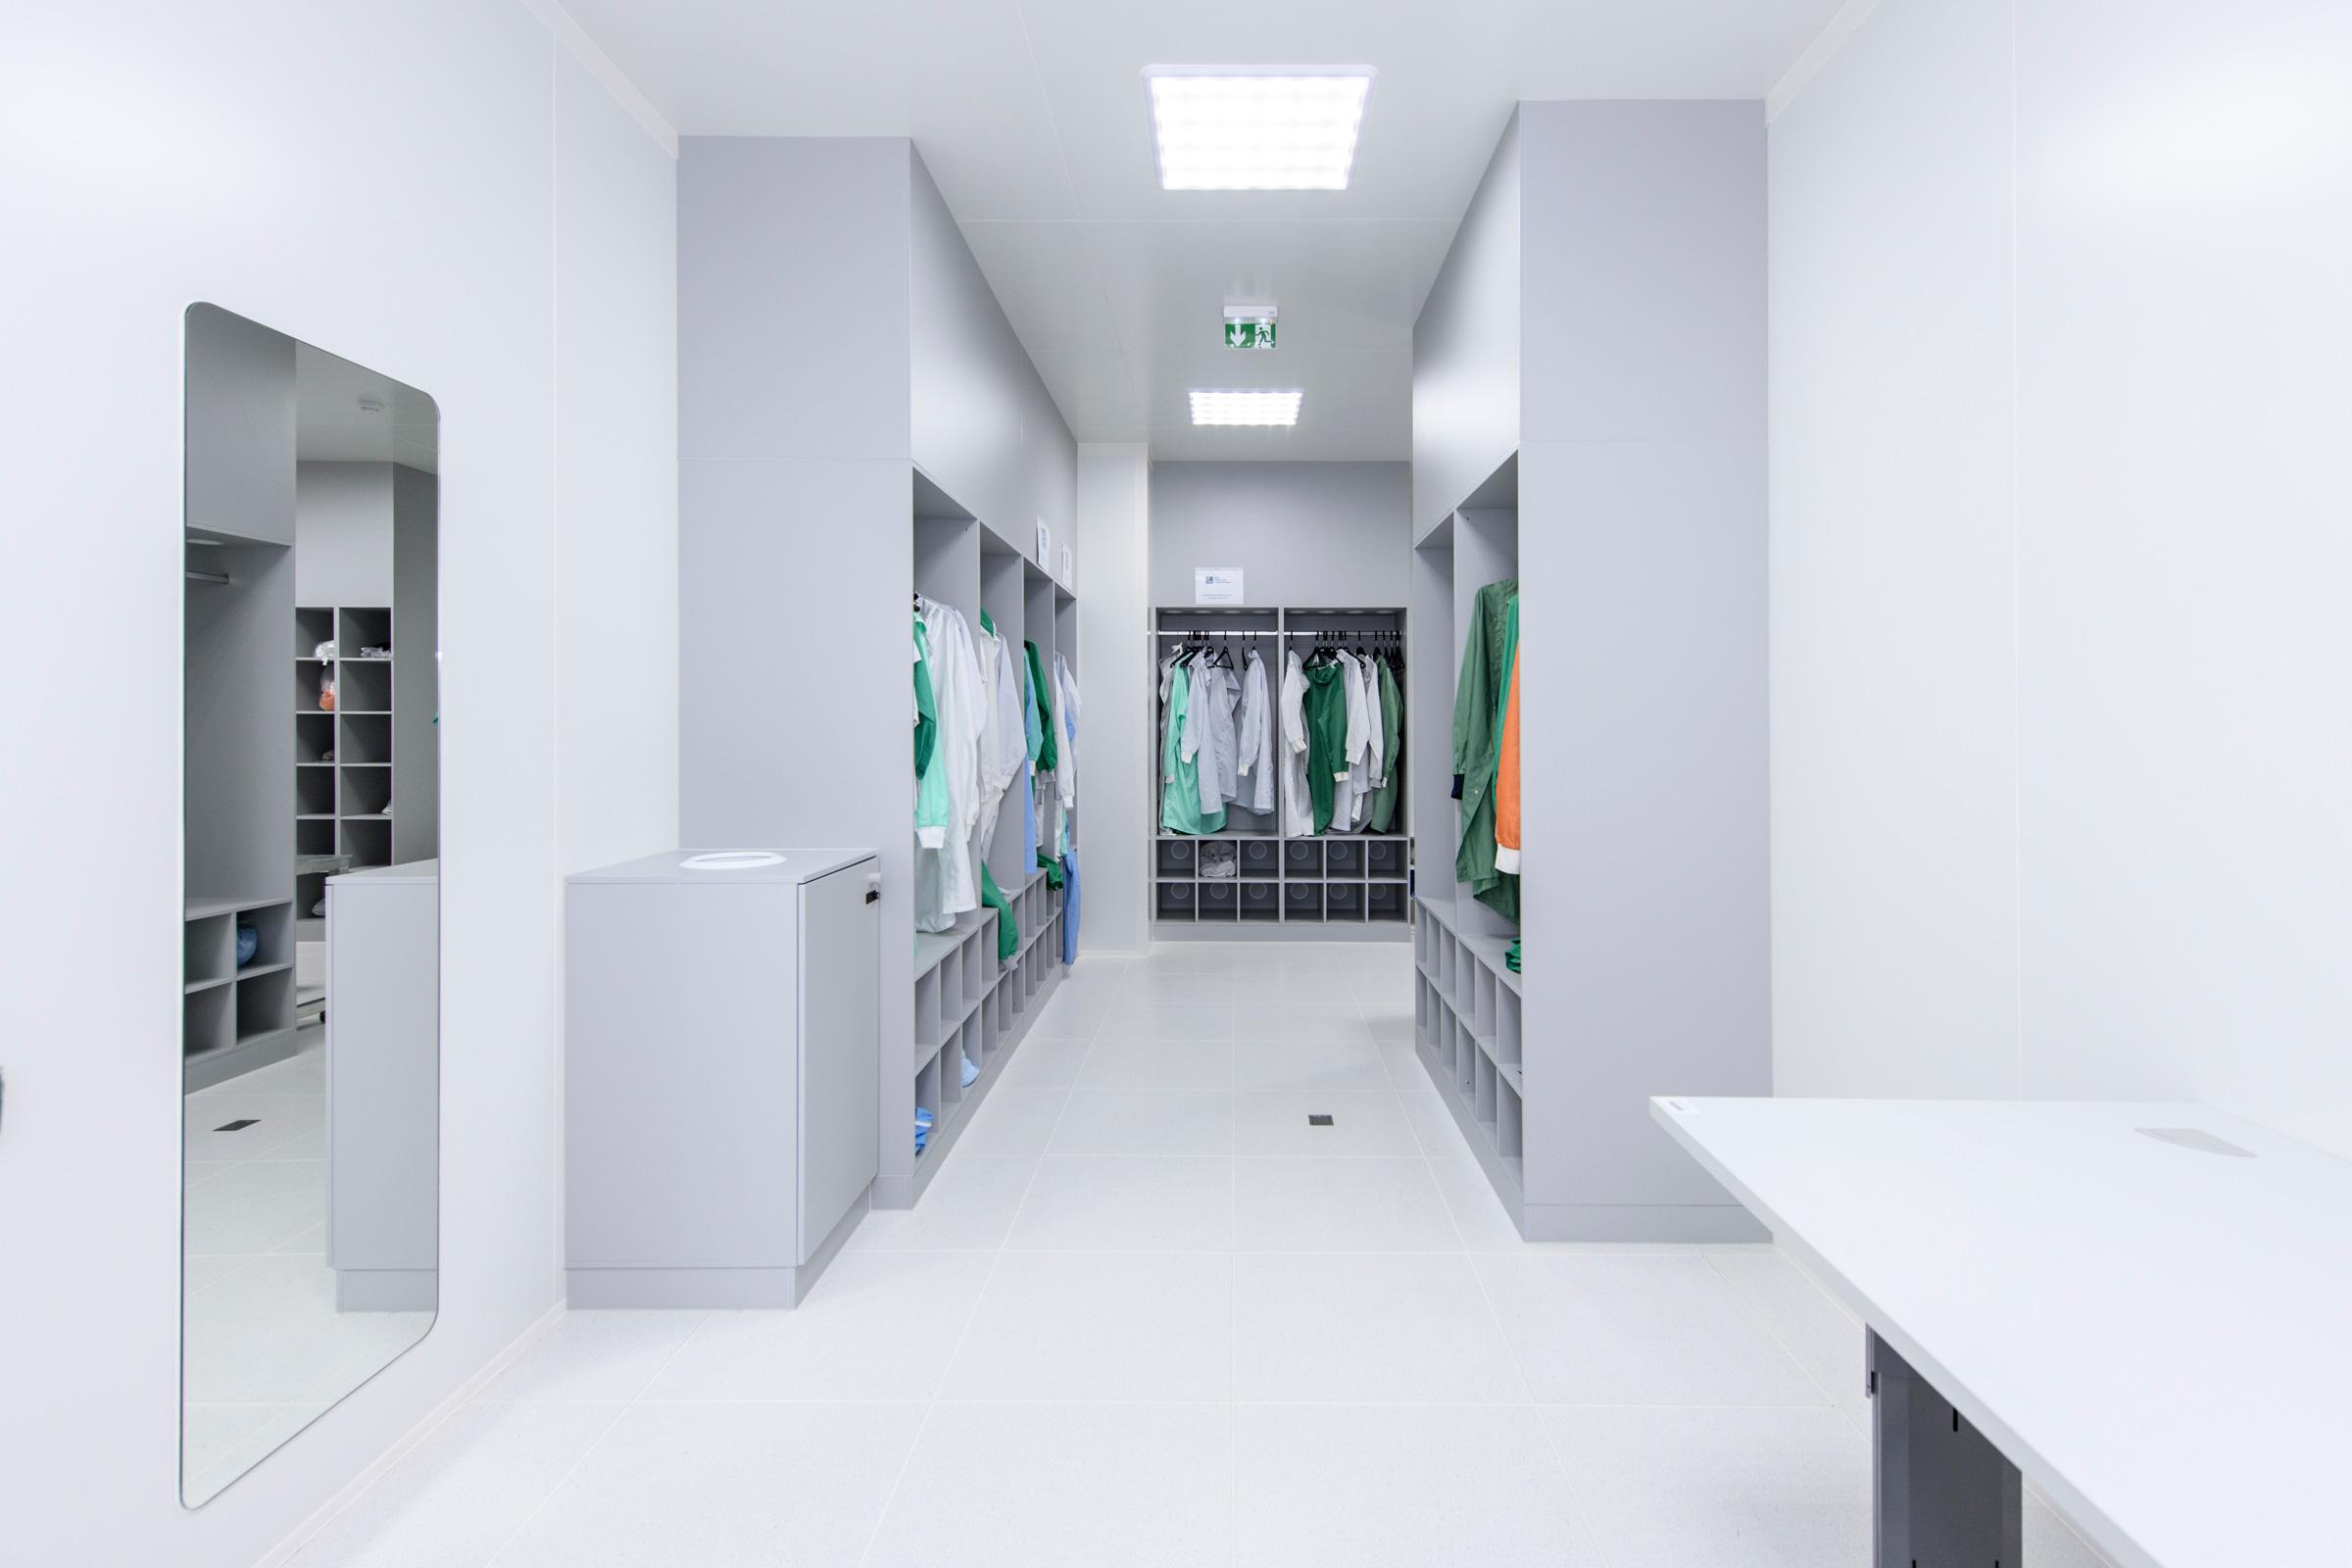 Centre de Nanosciences et de Nanotechnologies (C2N)